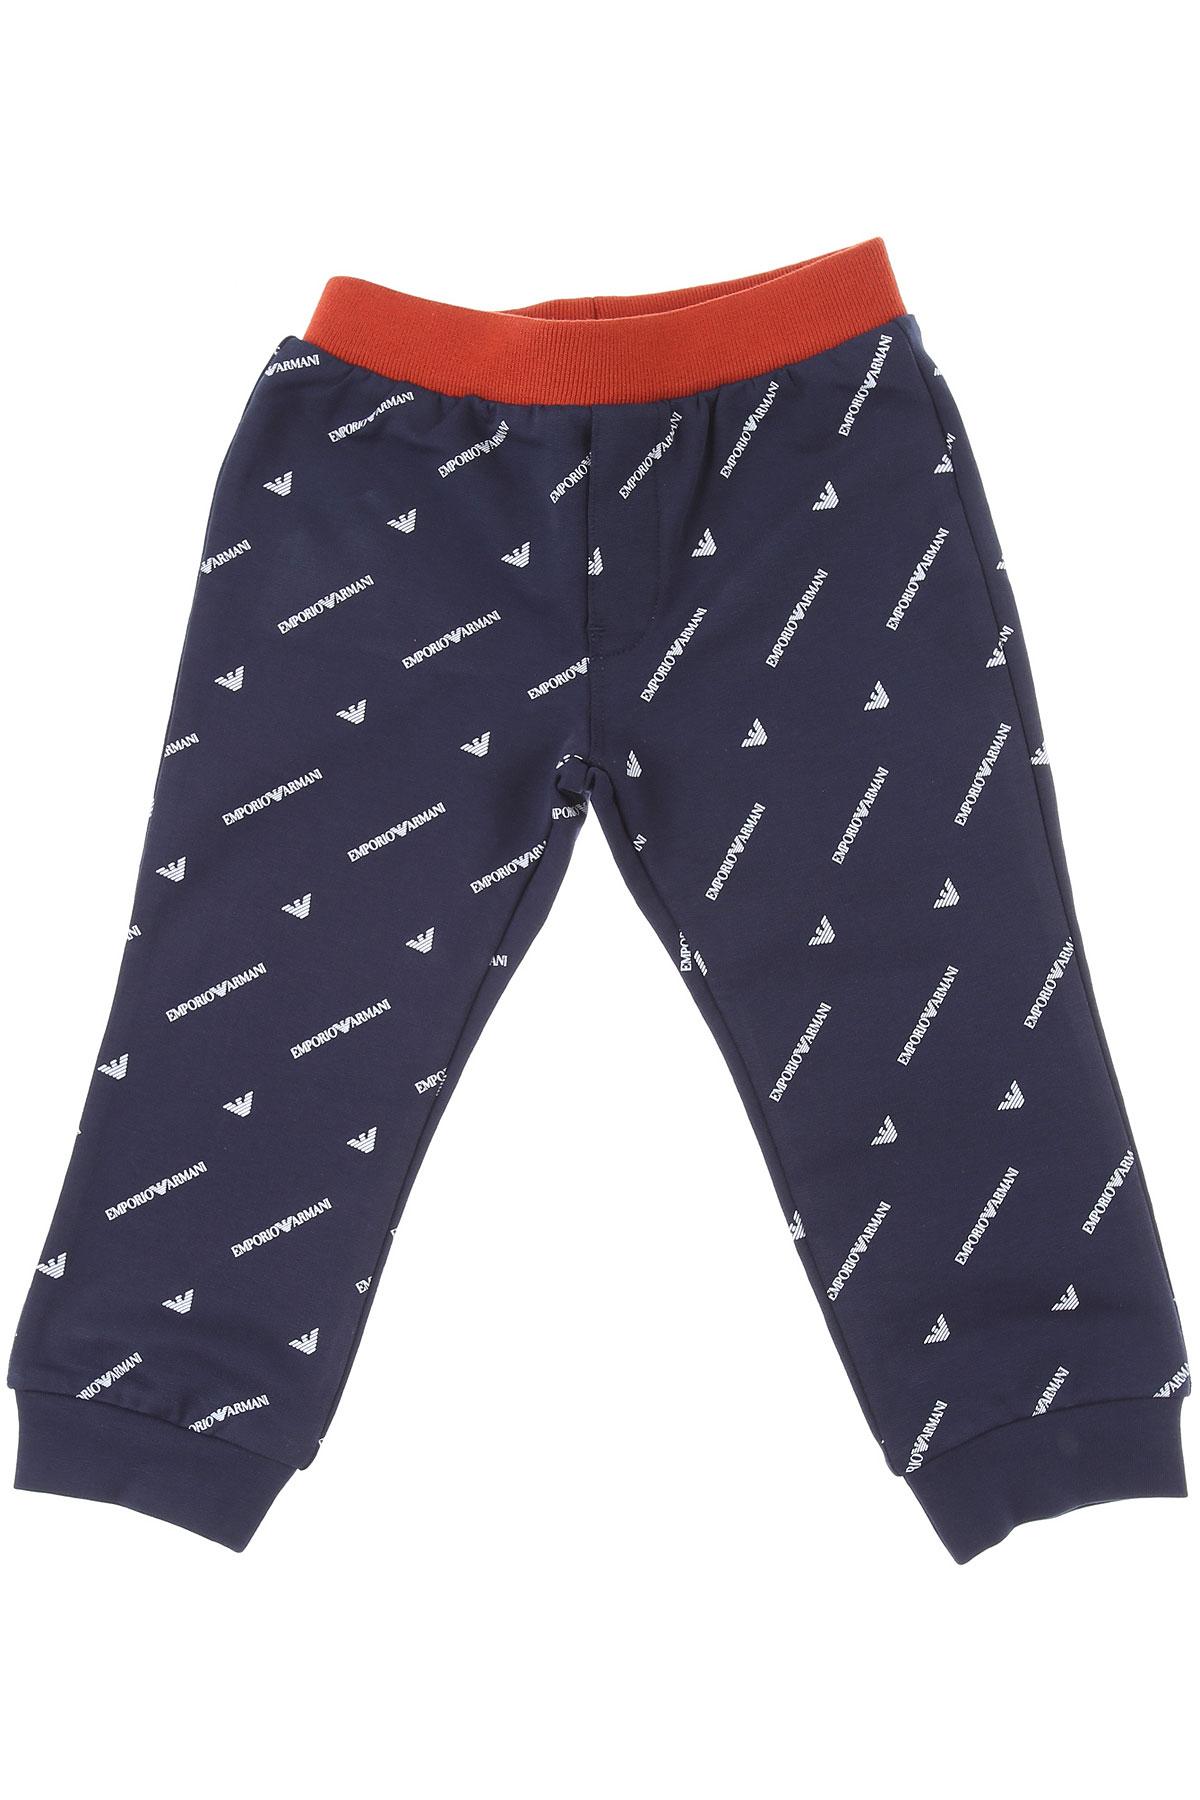 Emporio Armani Baby Sweatpants for Boys On Sale, Blue, Cotton, 2019, 18 M 2Y 3Y 9 M